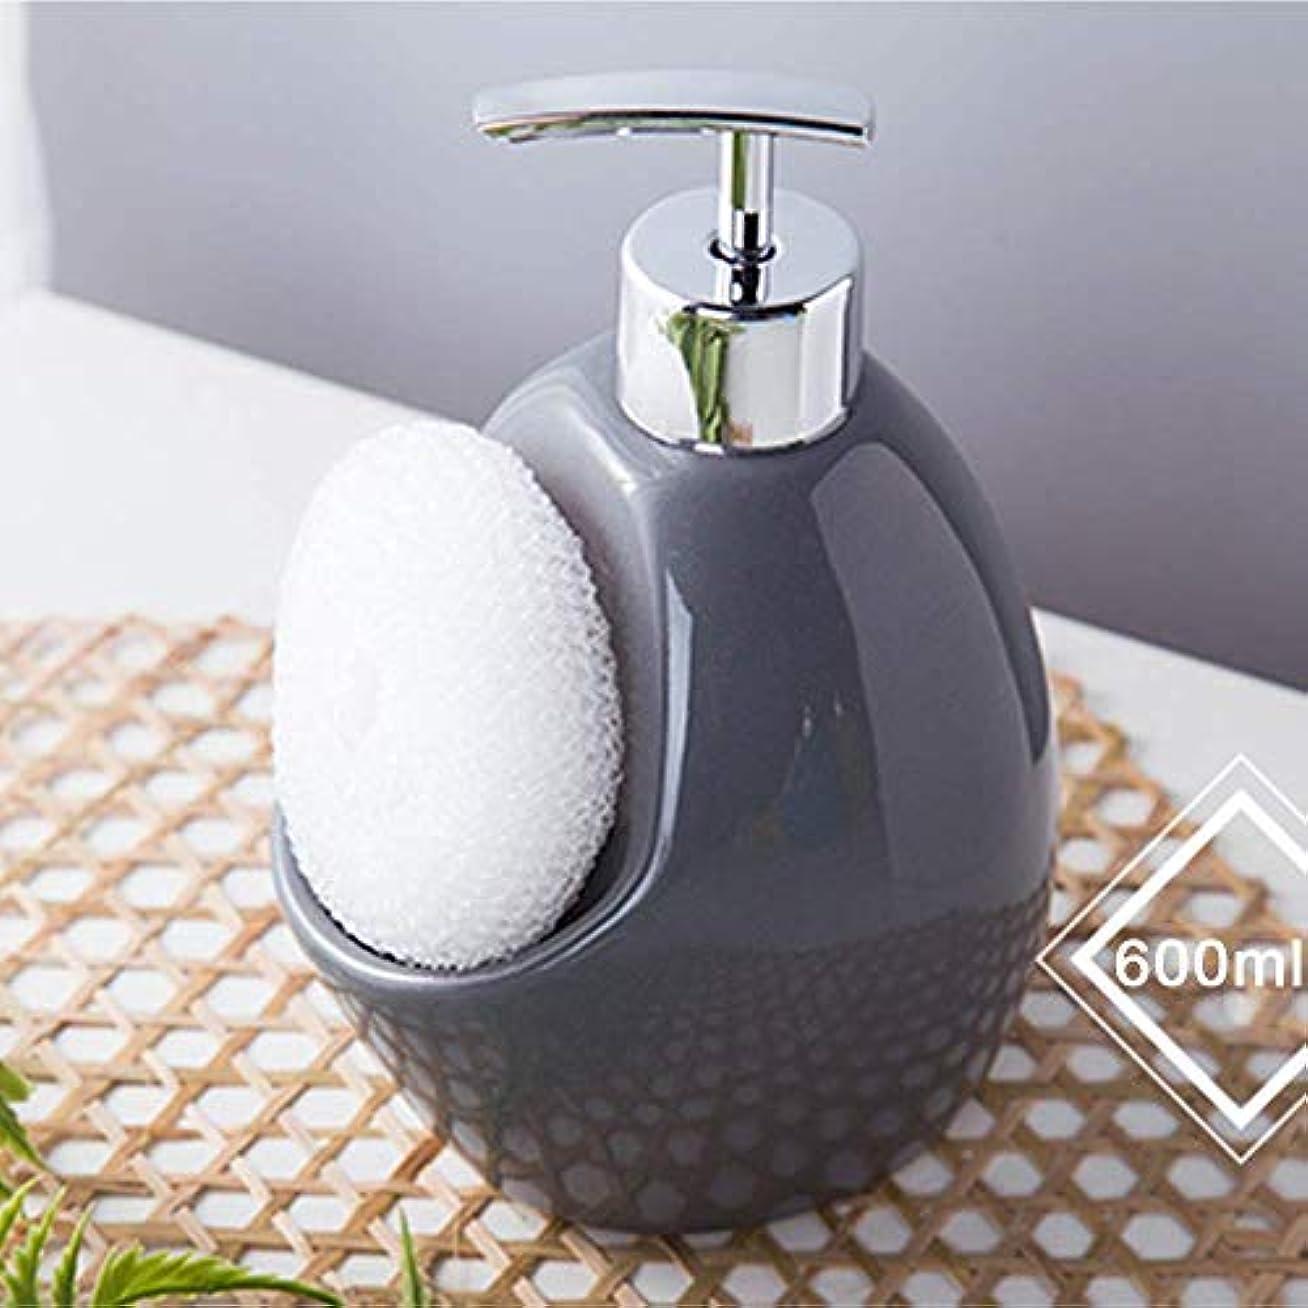 極めてマトロン叫び声ソープディスペンサー液体、手動ポンプボトル、詰め替え可能-食器用洗剤/ハンドソープ/シャワージェル、セラミック-600ml(青、グレー)